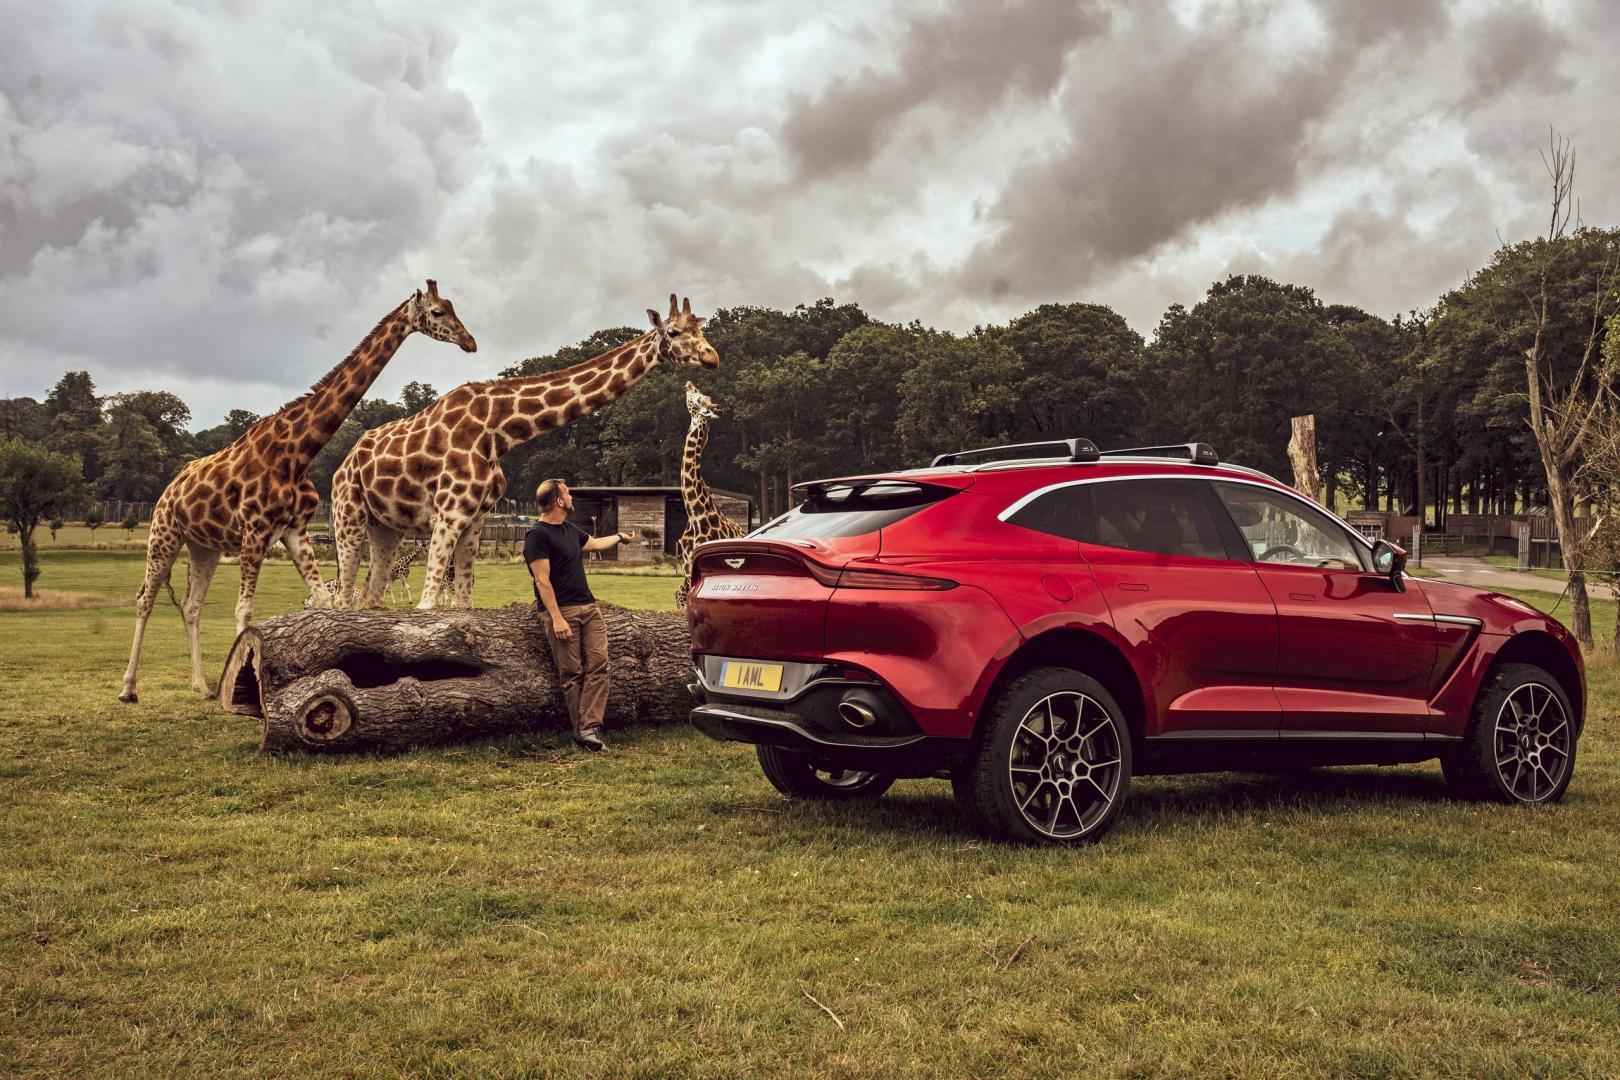 Aston Martin DBX 2020 met giraffen